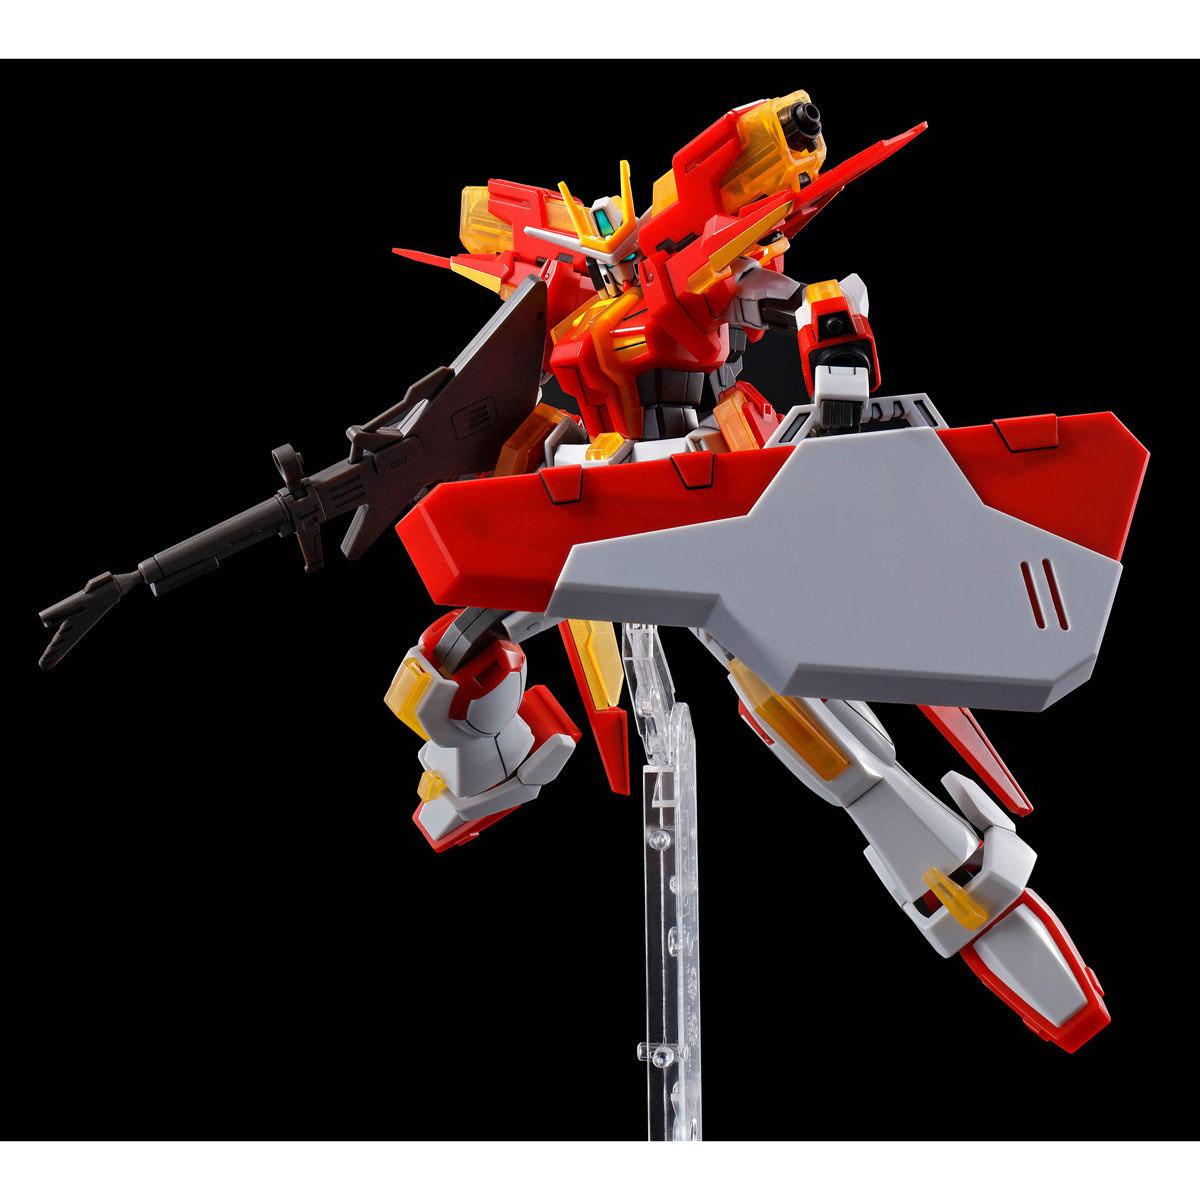 【限定販売】【2次予約】HG 1/144『エクストリームガンダム(type-レオス) エクリプス・フェース』機動戦士ガンダム EXTREME VS.  プラモデル-008